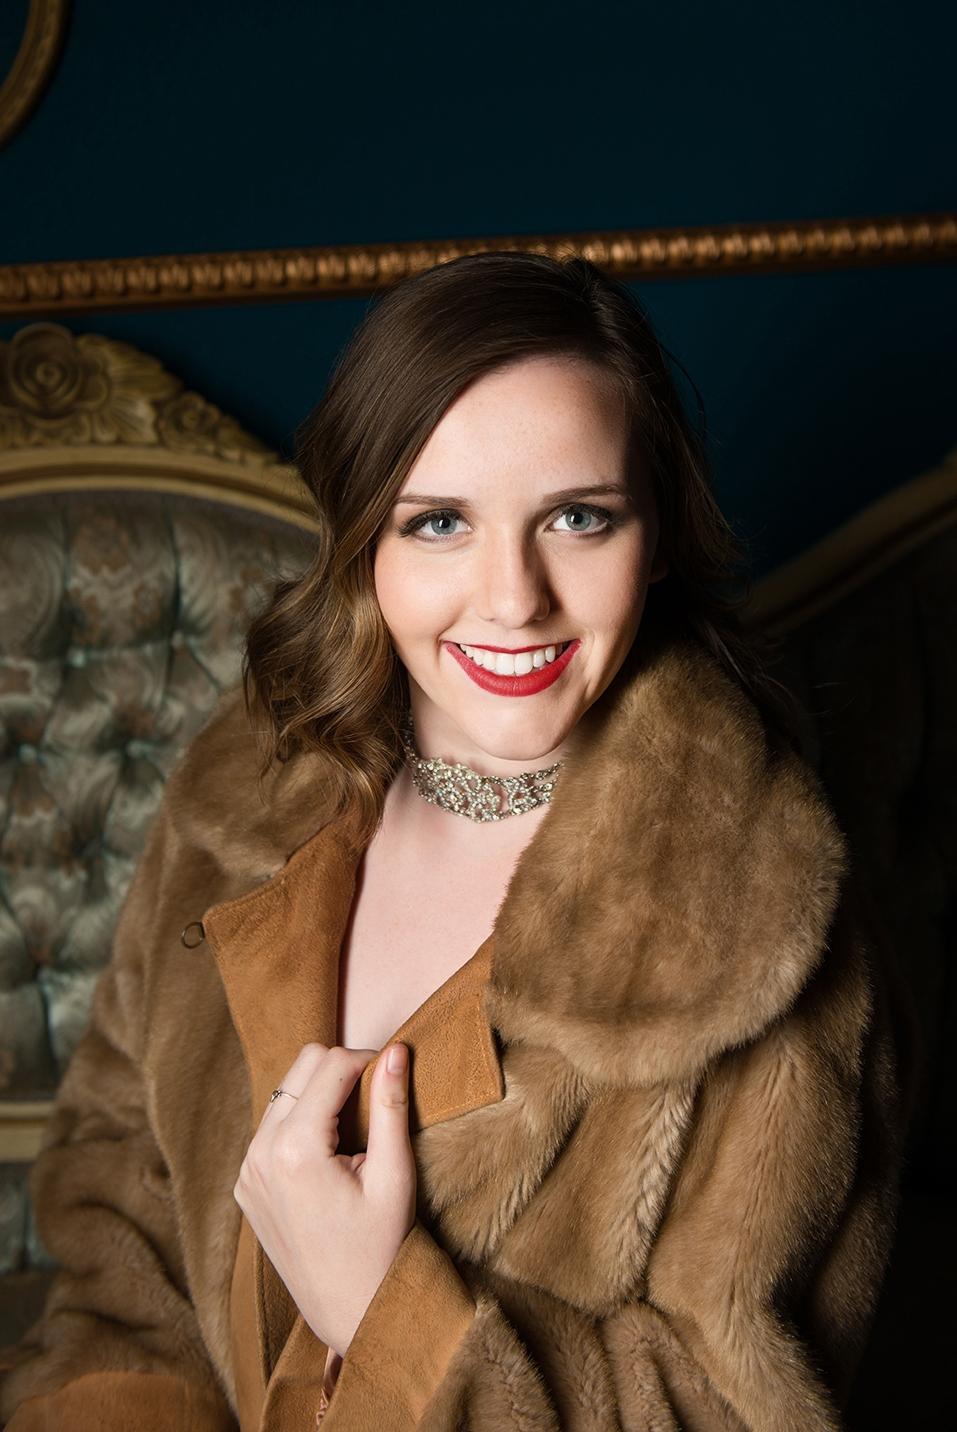 Jessica Fur coat